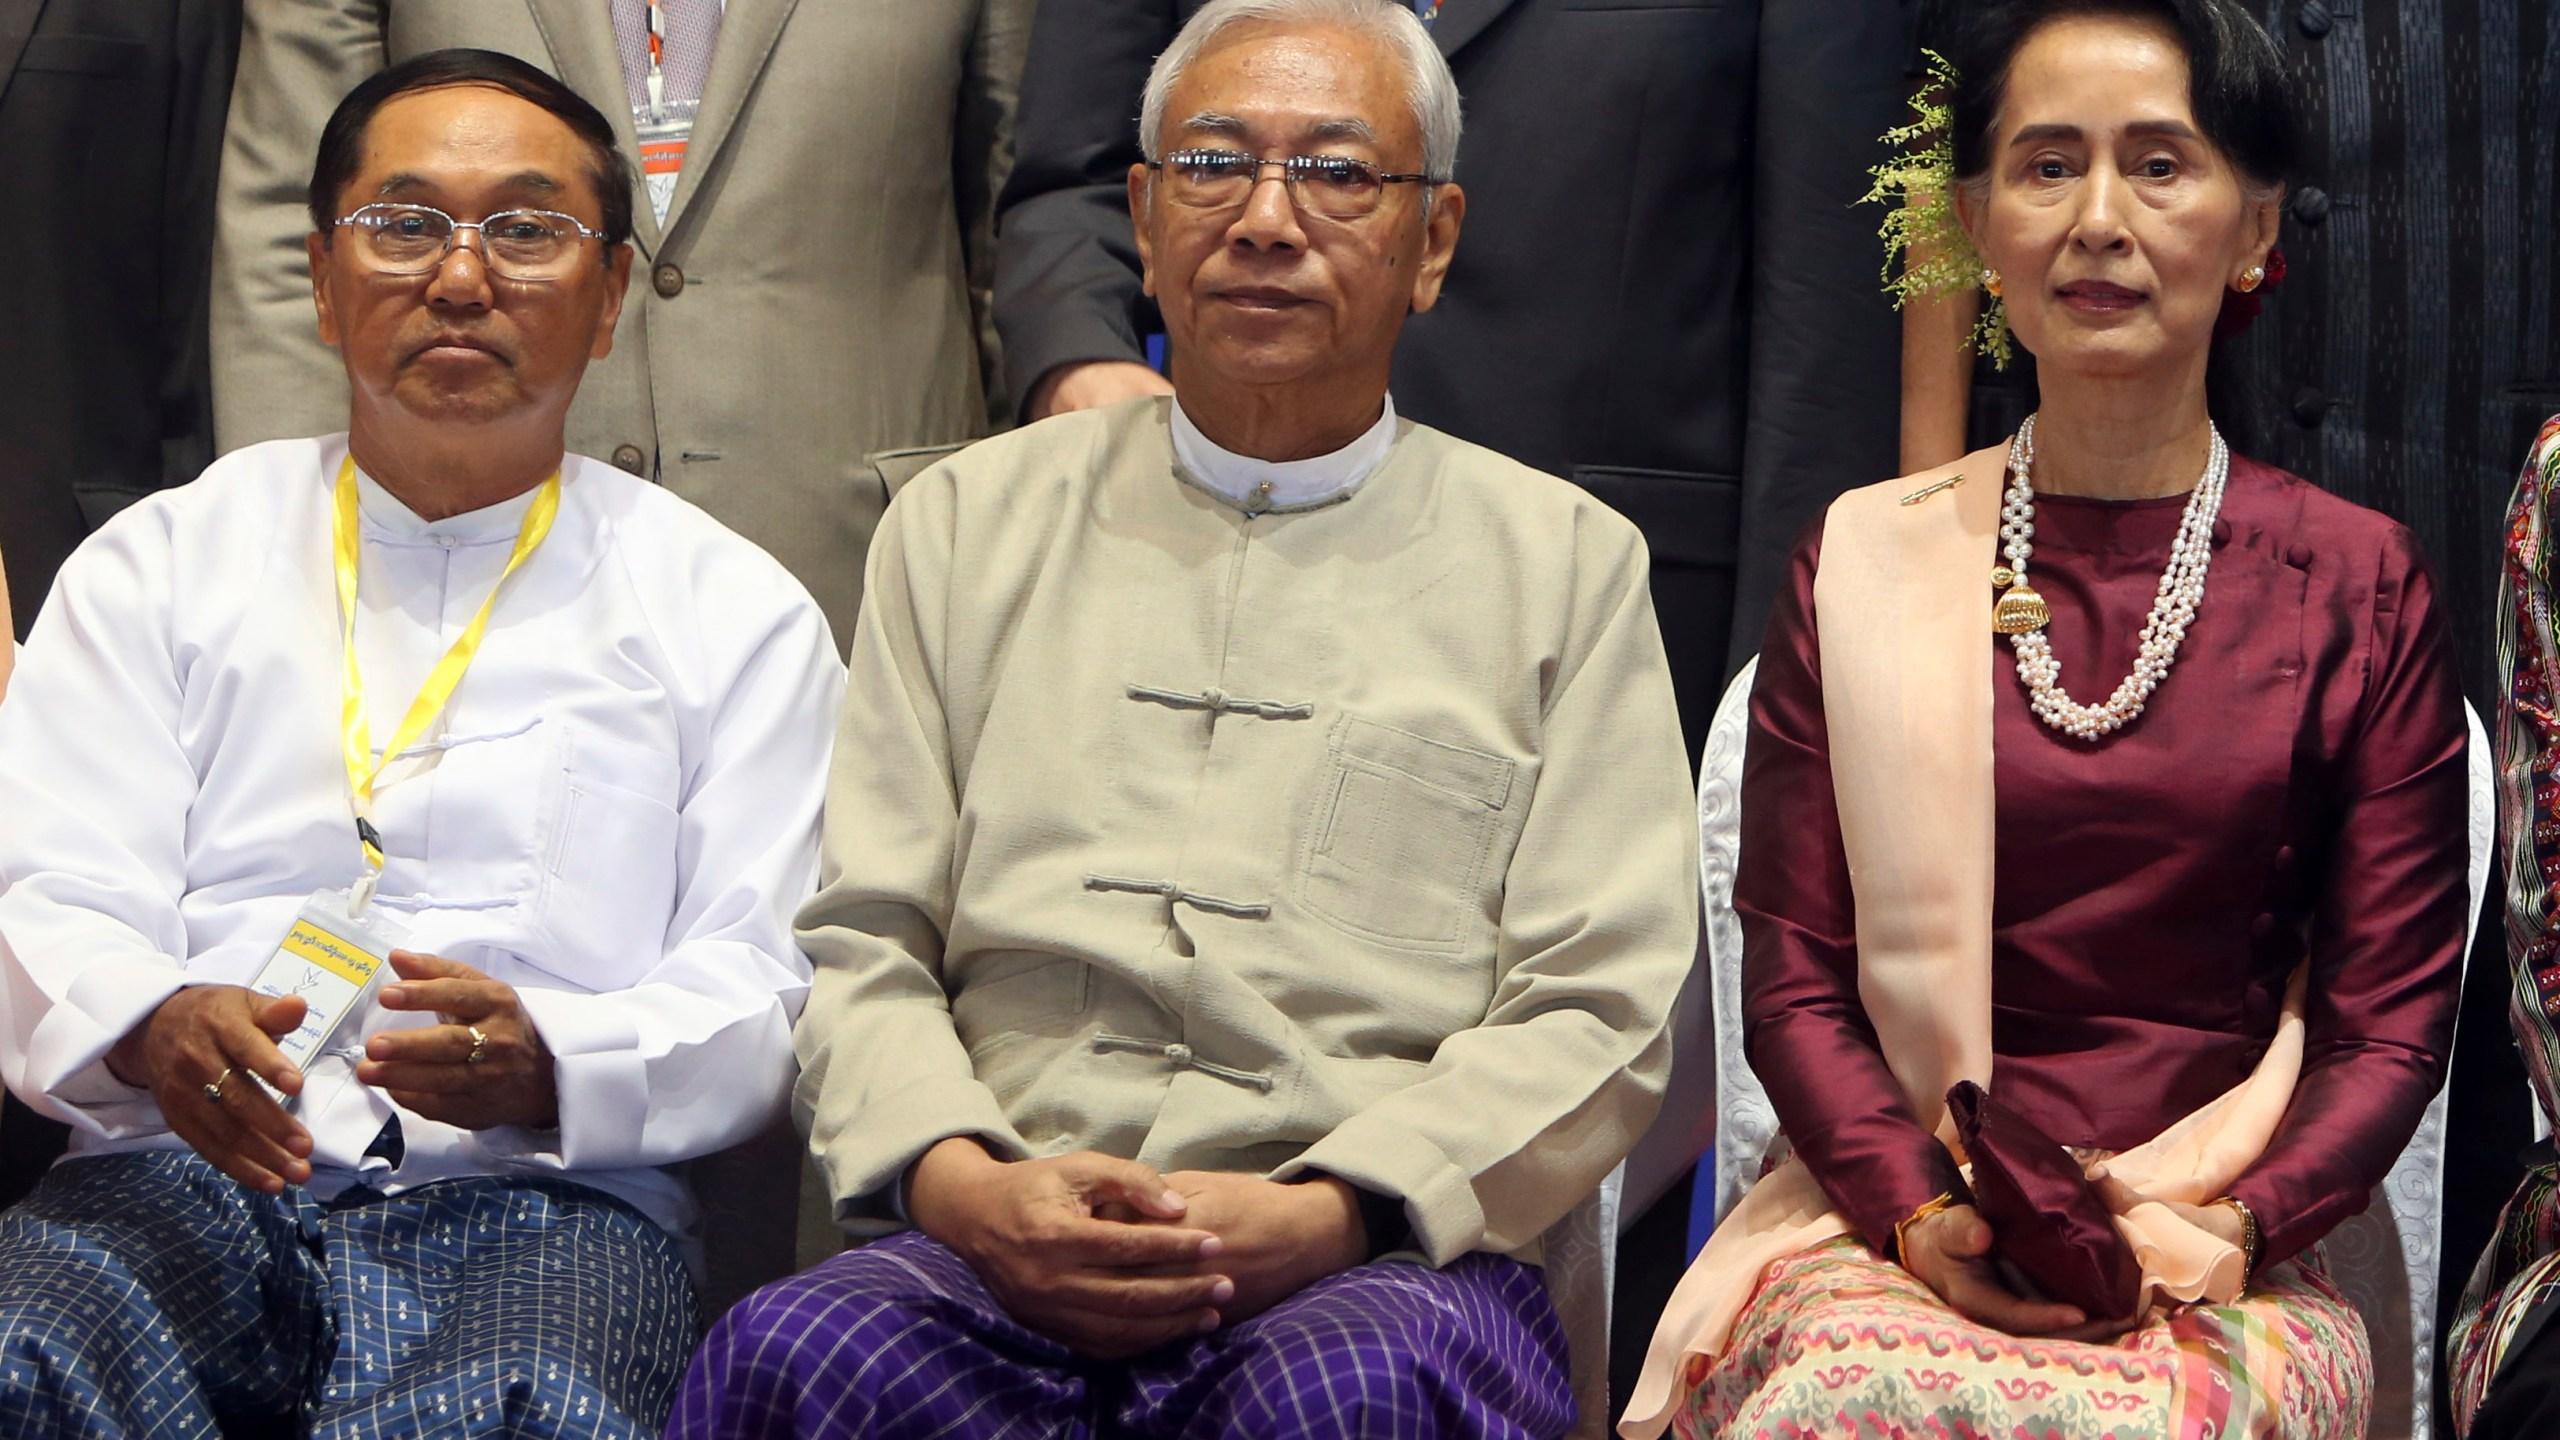 Htin Kyaw, Aung San Suu Kyi, Myint Swe